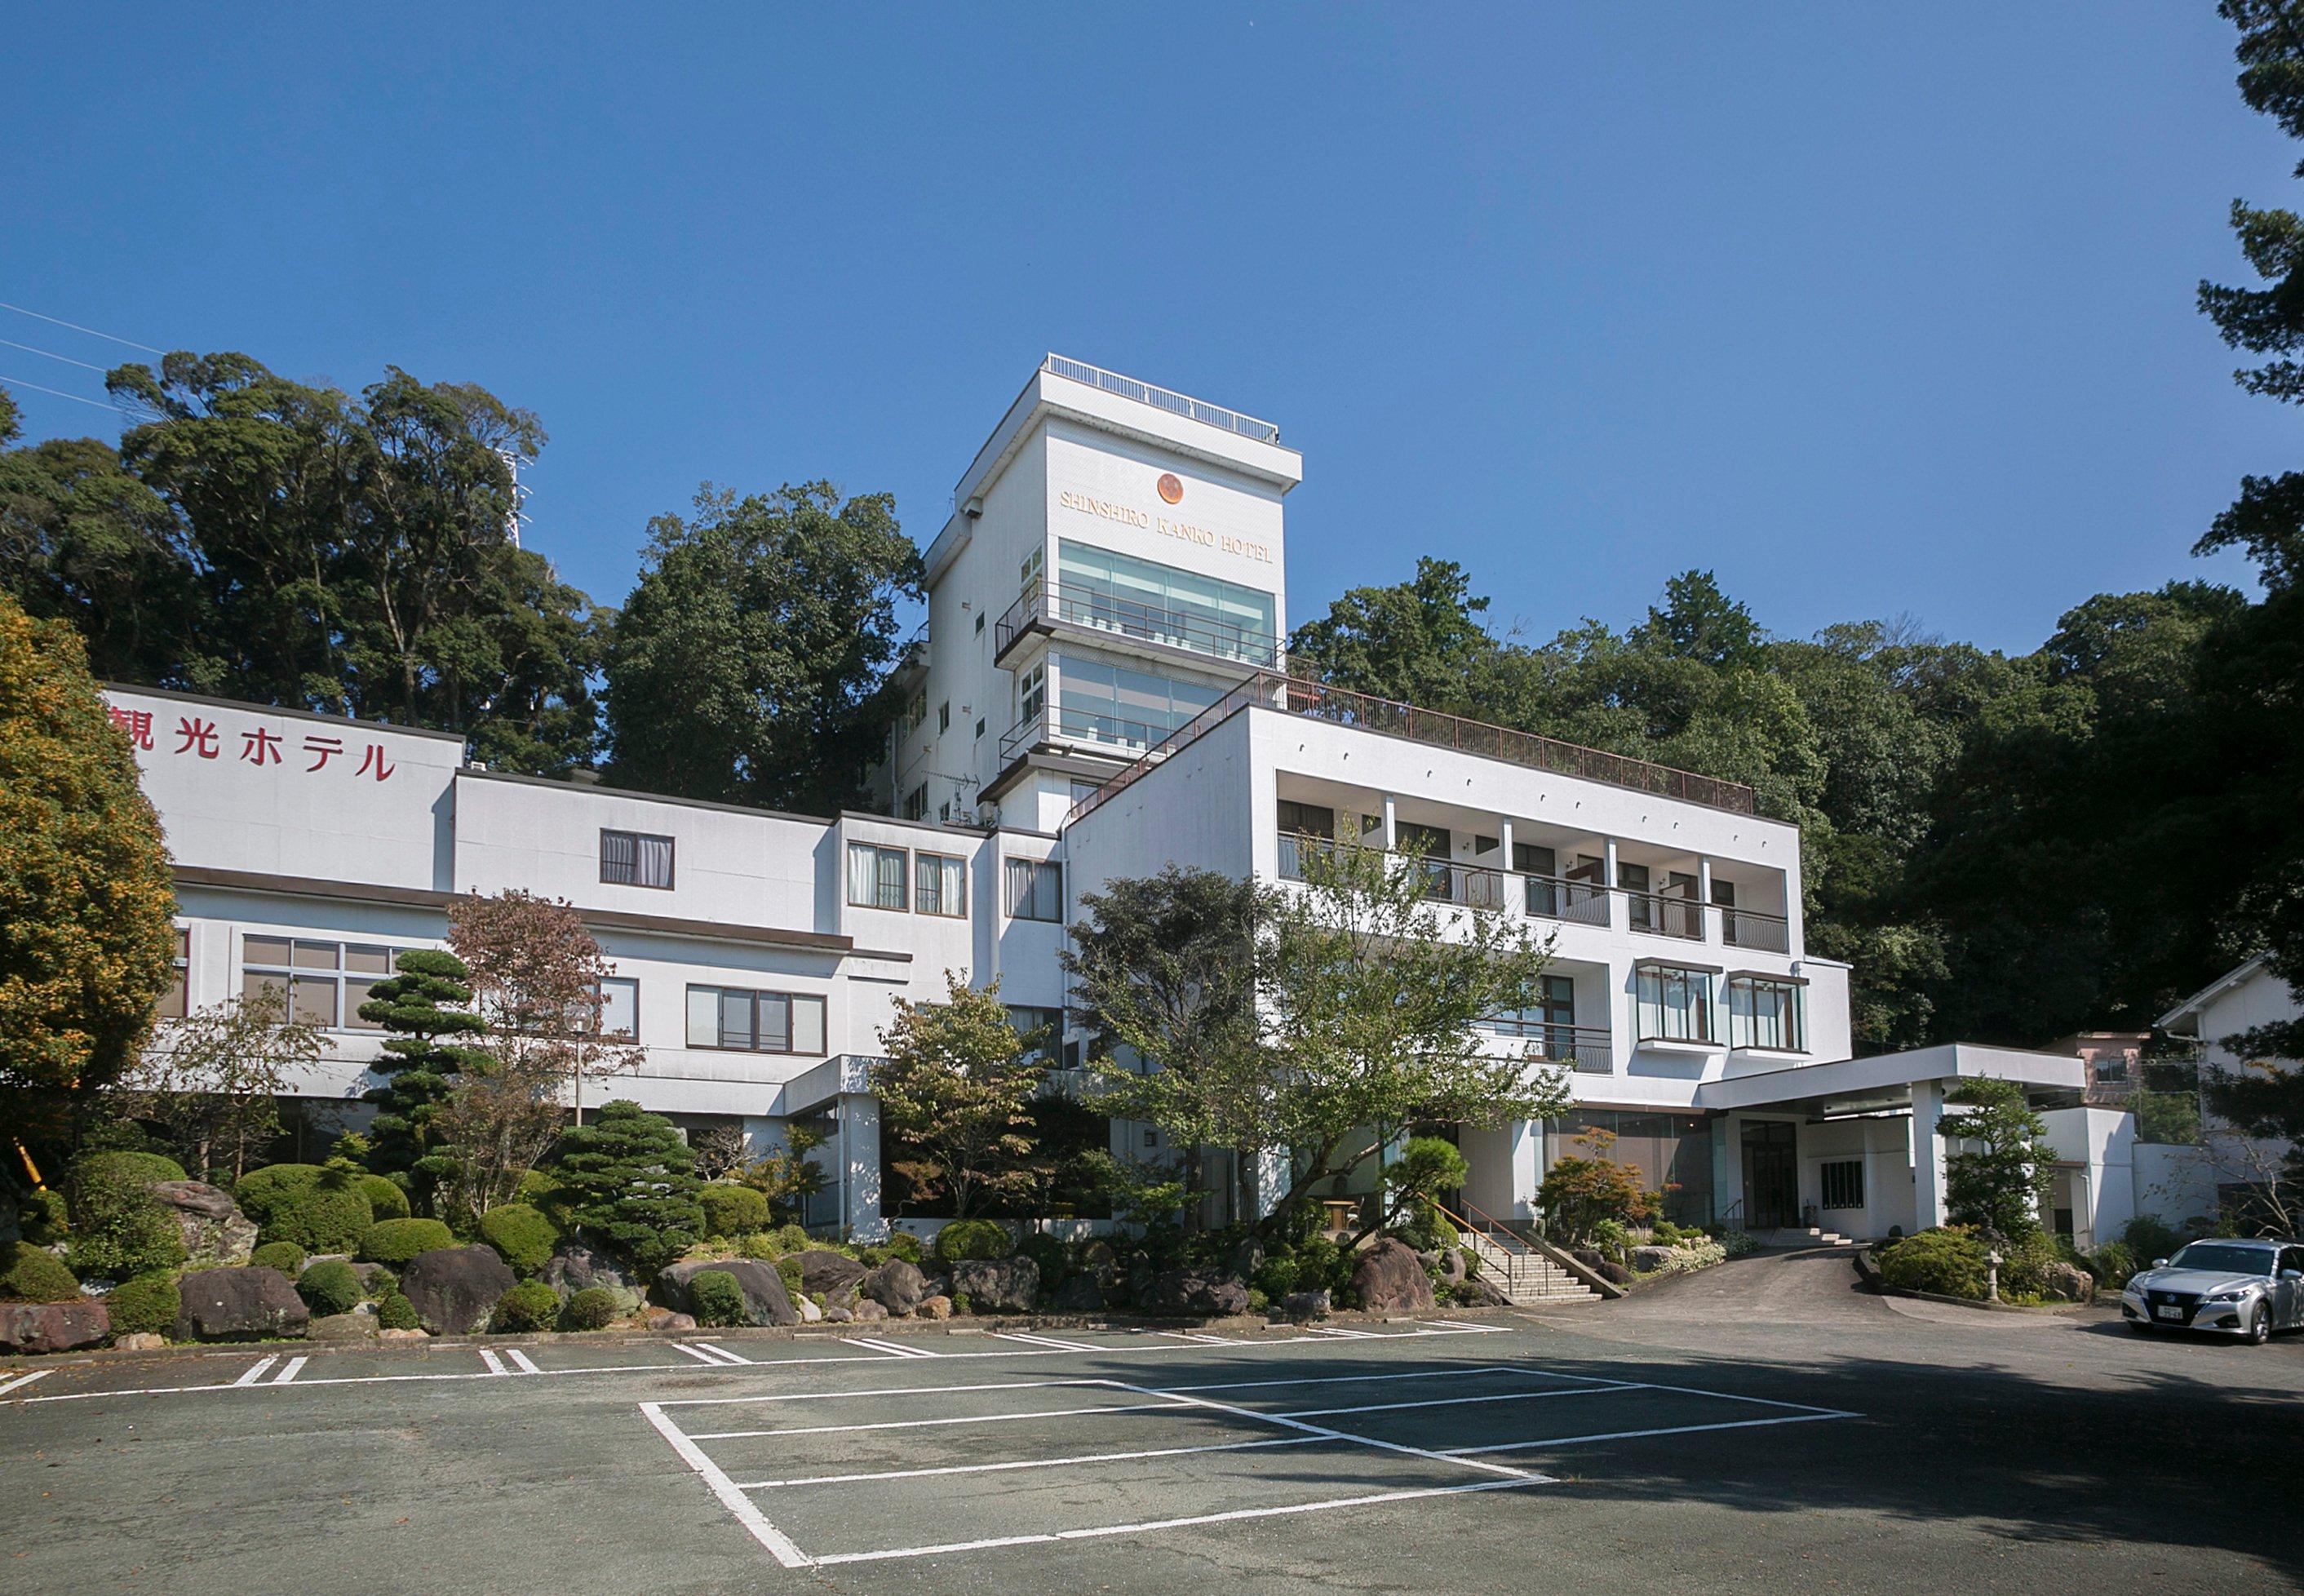 Shinshiro Kankoh Hotel